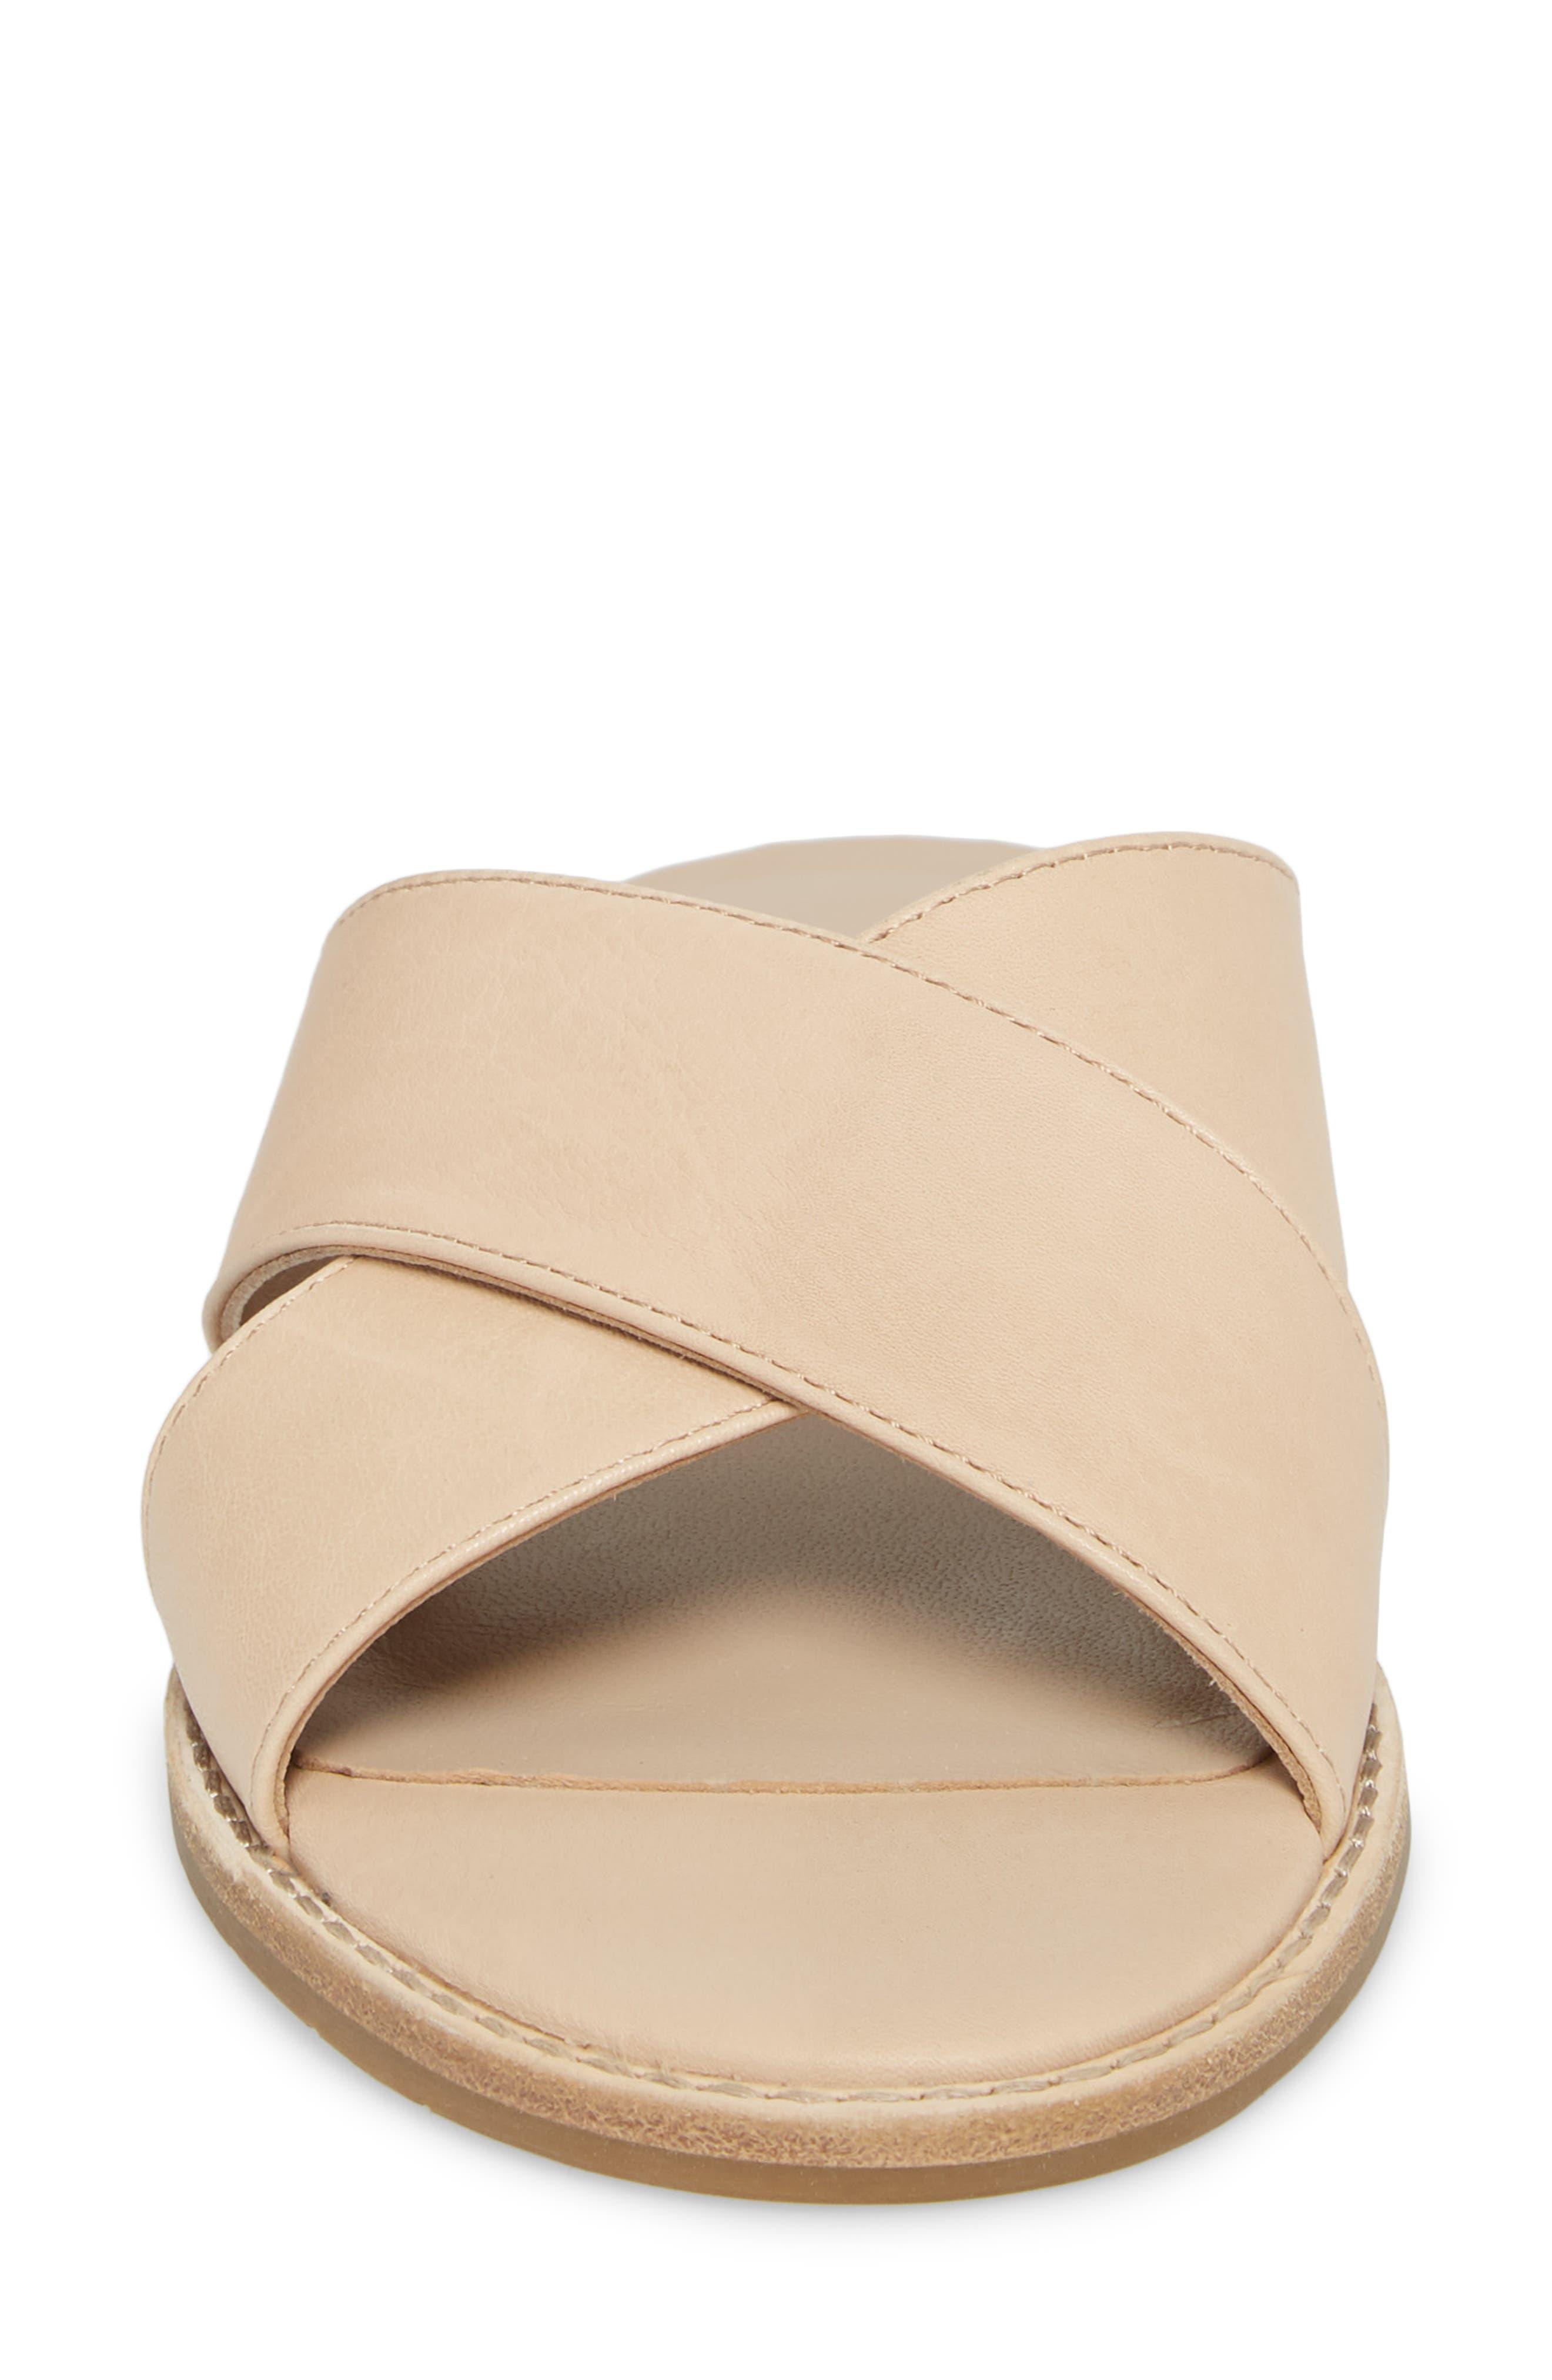 Cape Slide Sandal,                             Alternate thumbnail 4, color,                             Desert Leather